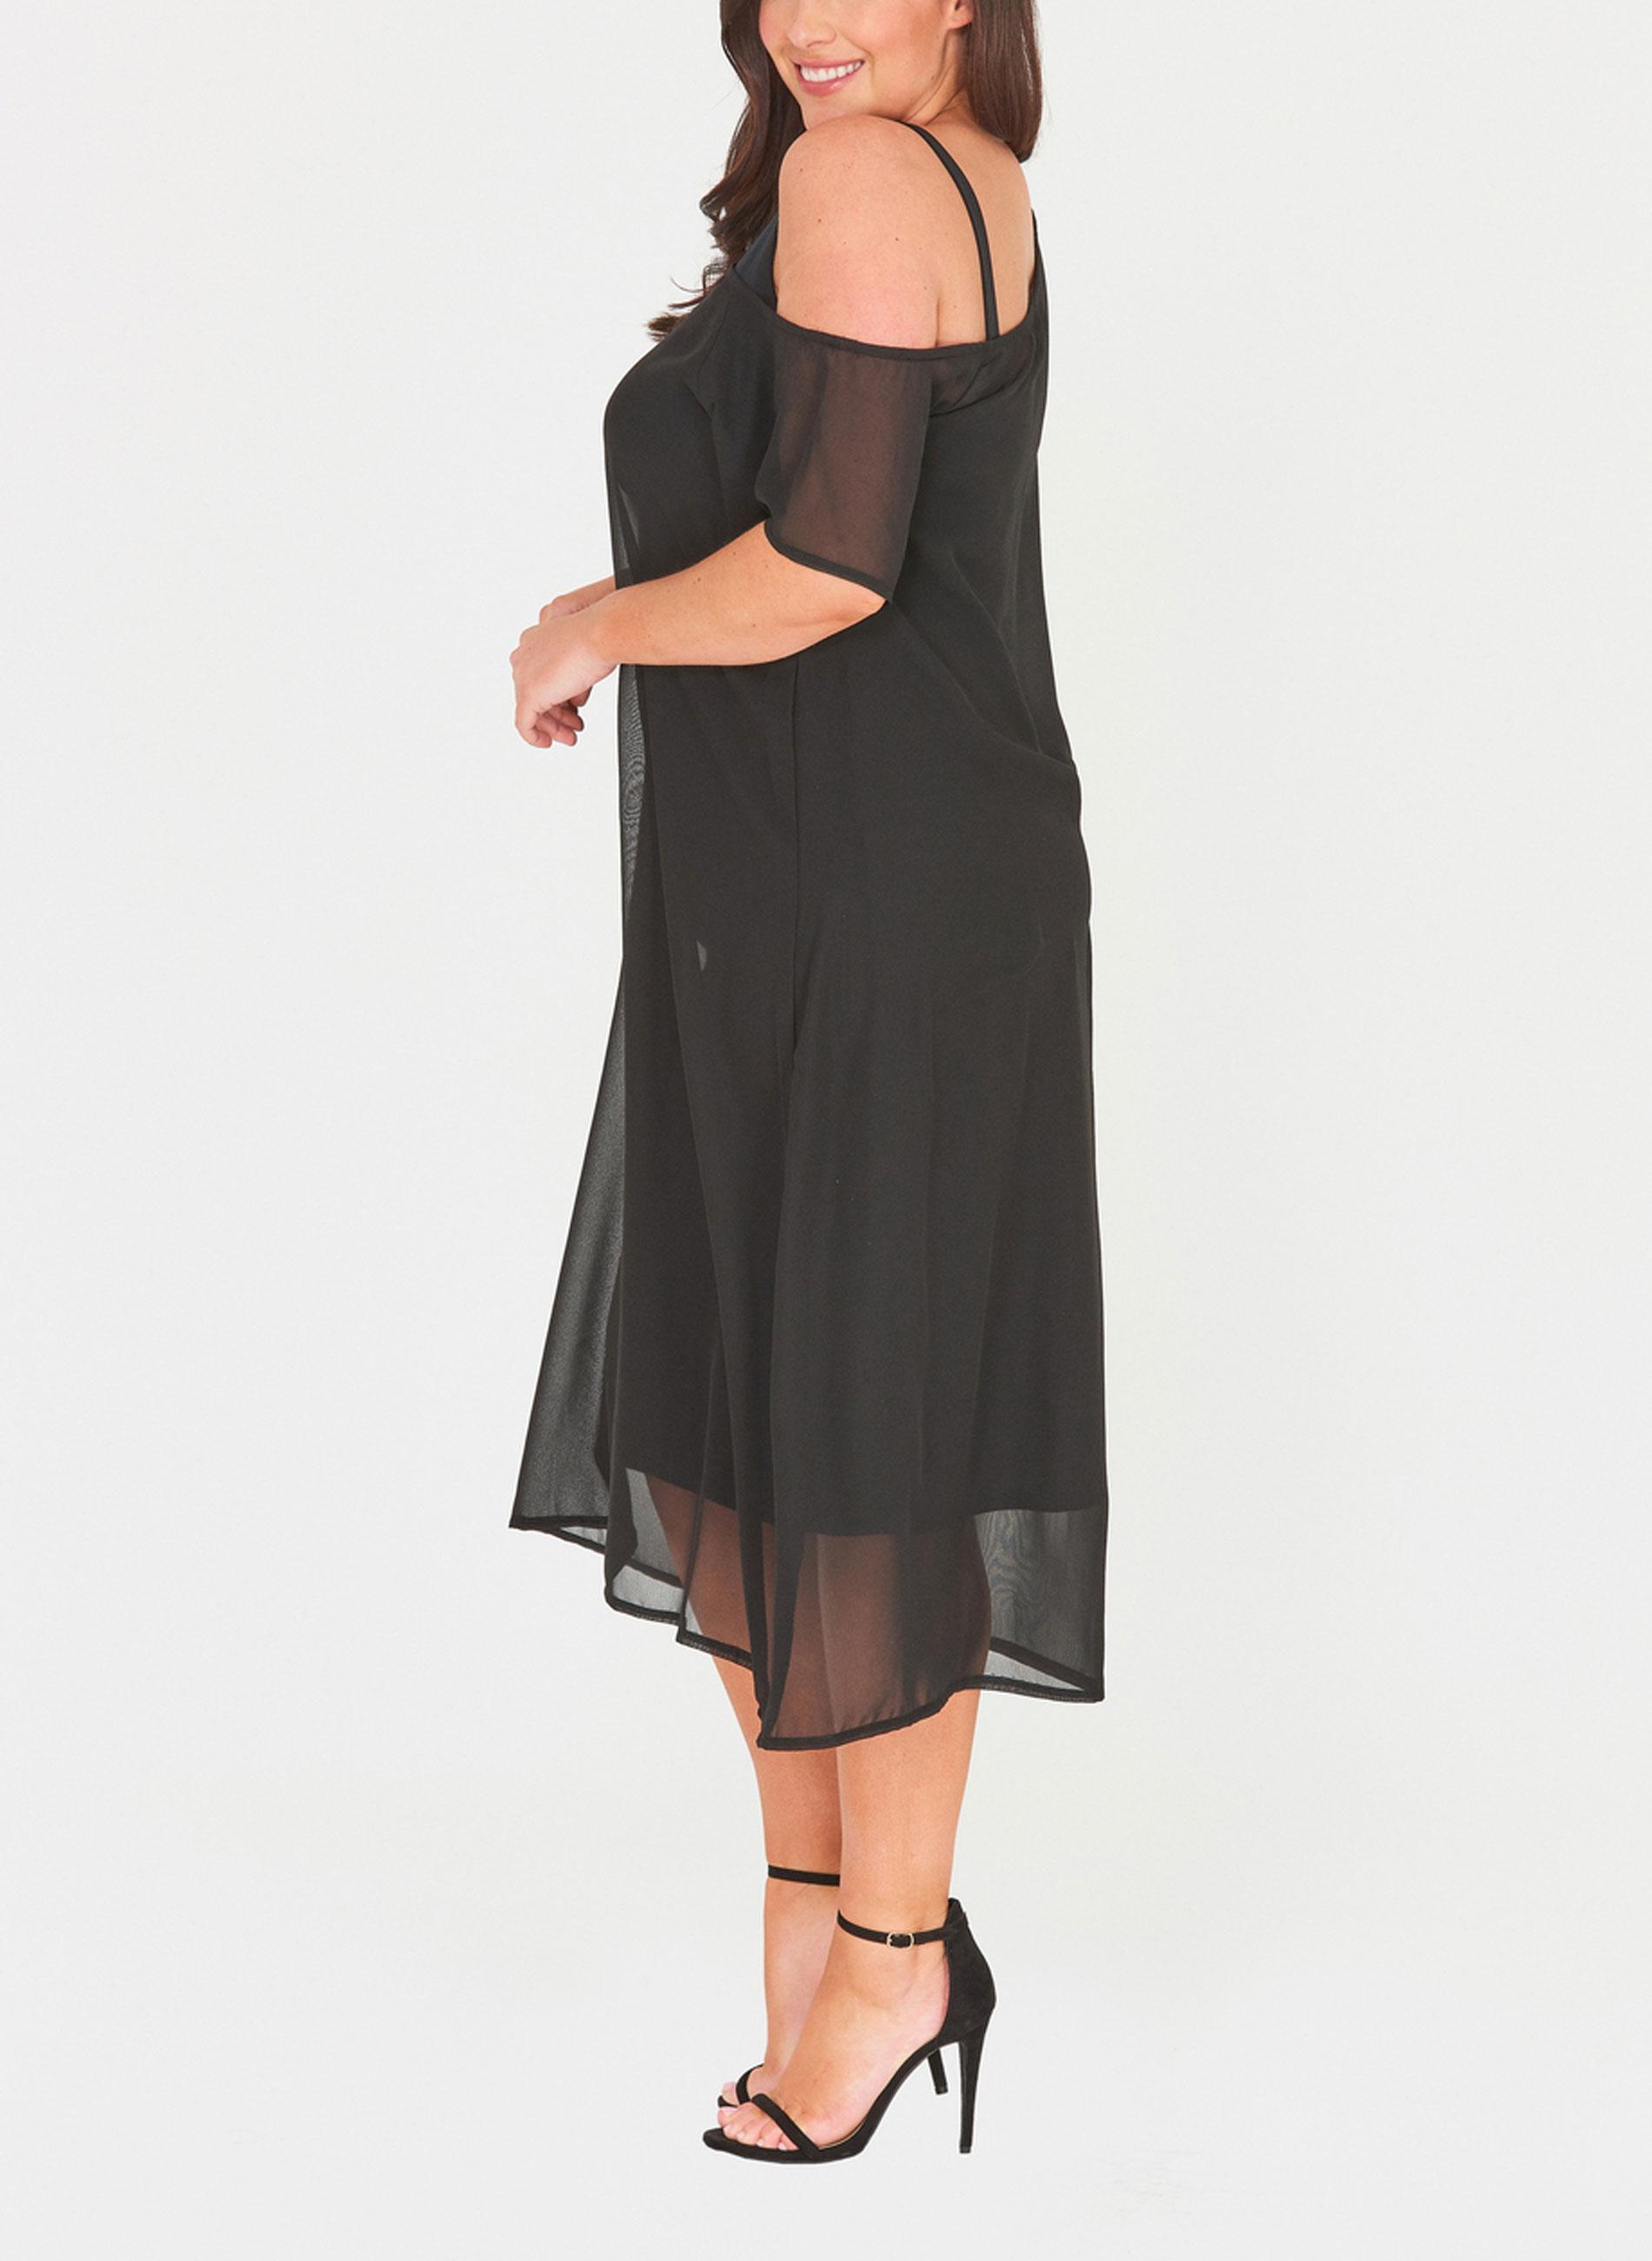 ΜΕΓΑΛΑ ΜΕΓΕΘΗ ΦΟΡΕΜΑΤΑ    Φόρεμα Μαύρο Σιφόν με Χαλαρό Ώμο - Μόδα σε ... 9f62b9af5be